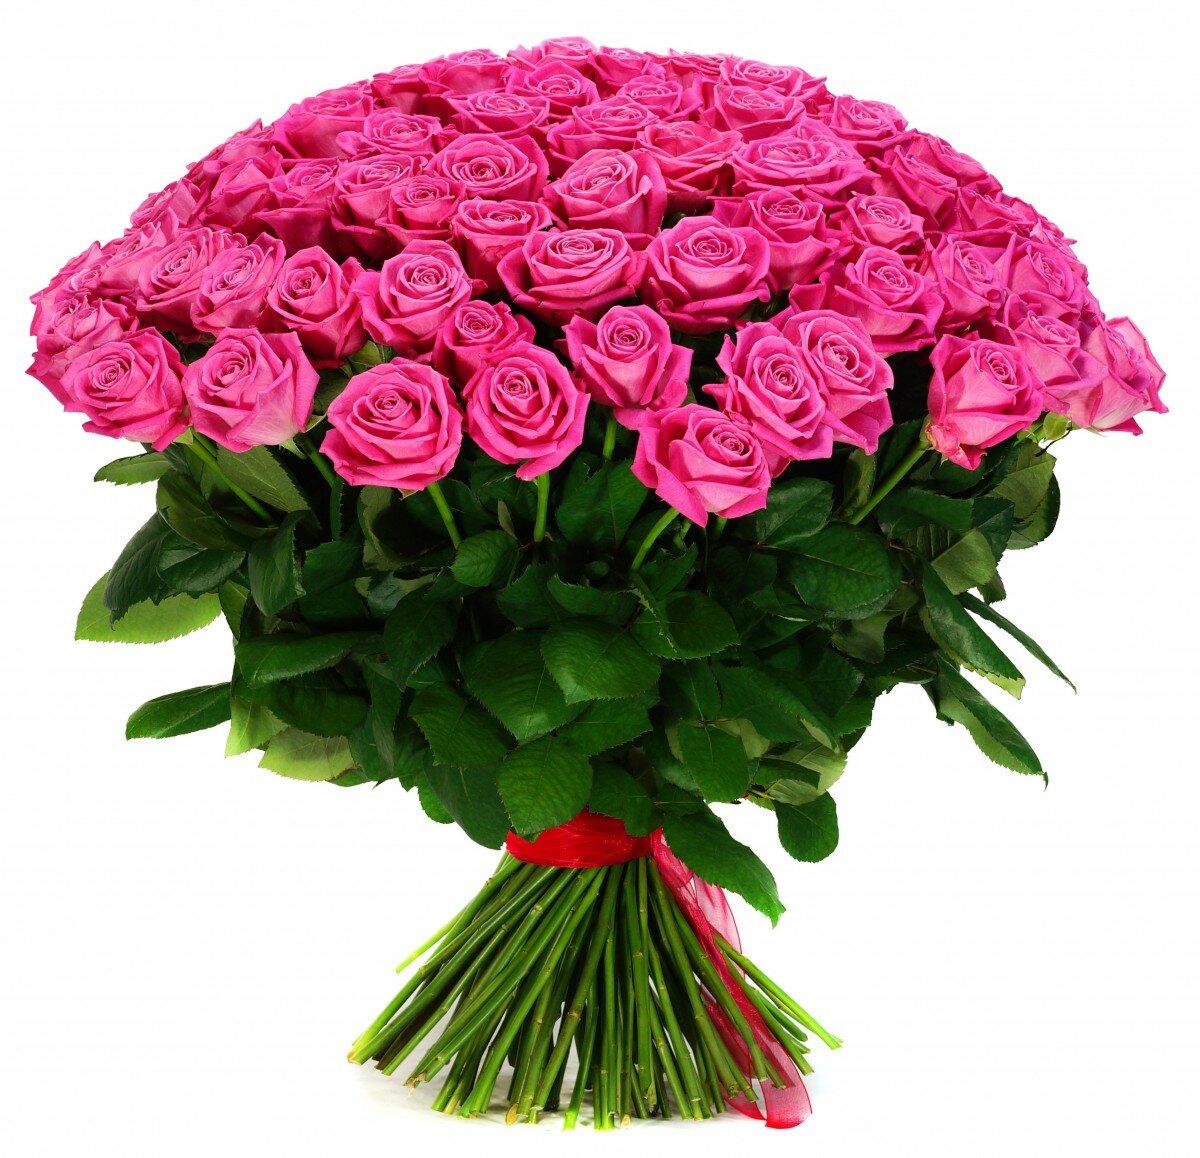 Огромный букет из роз цена, красных белых